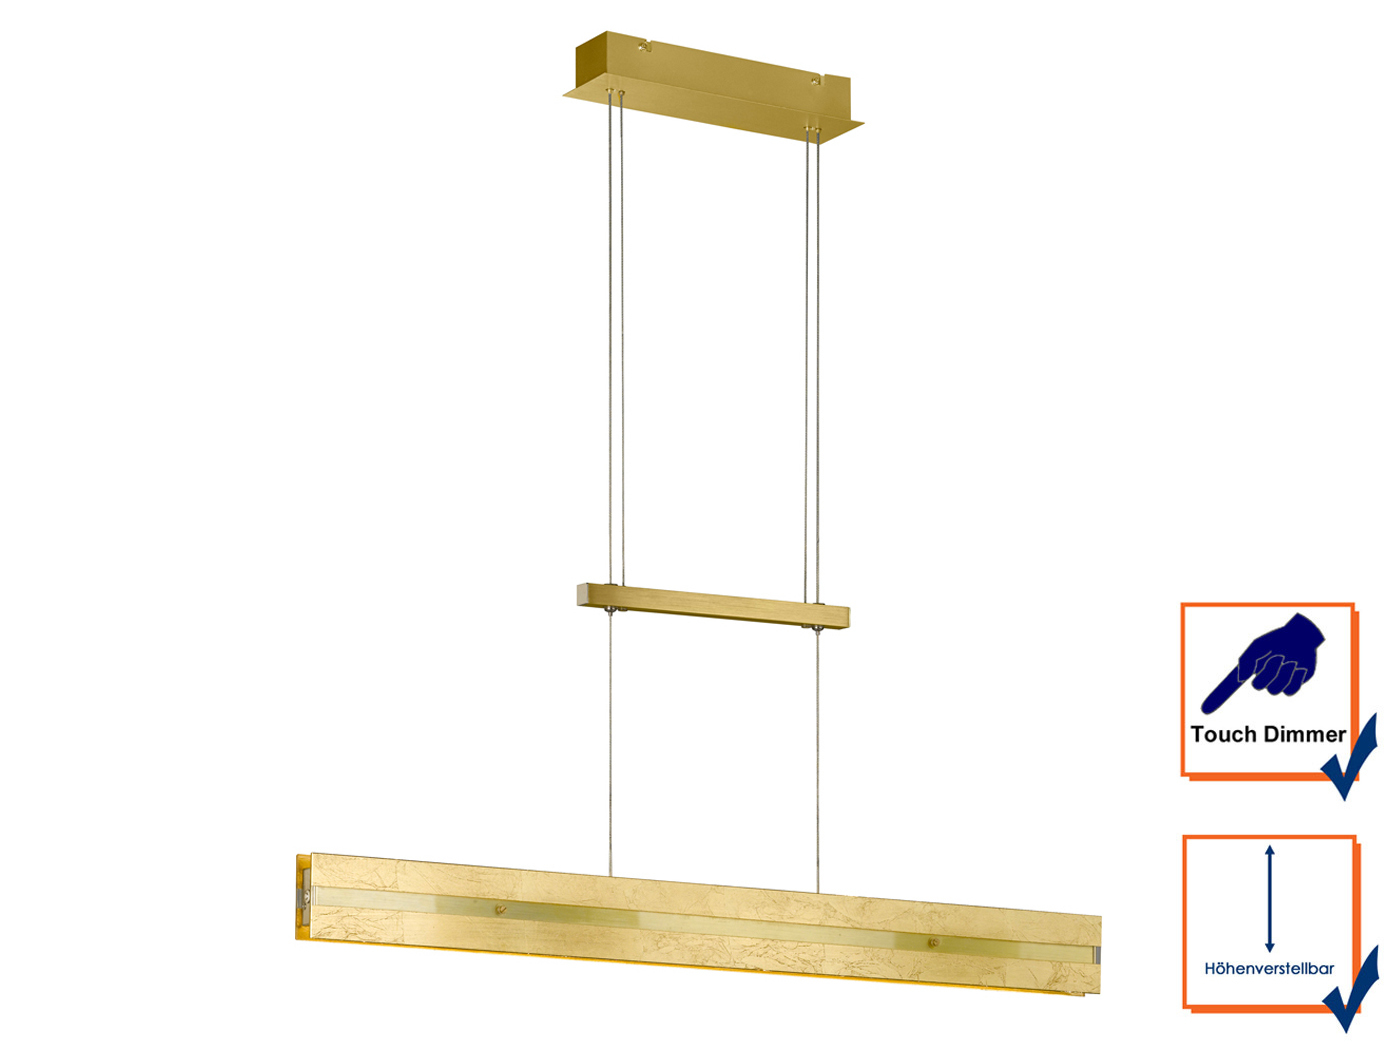 goldene led pendelleuchte dimmbar h henverstellbar 14 5w. Black Bedroom Furniture Sets. Home Design Ideas